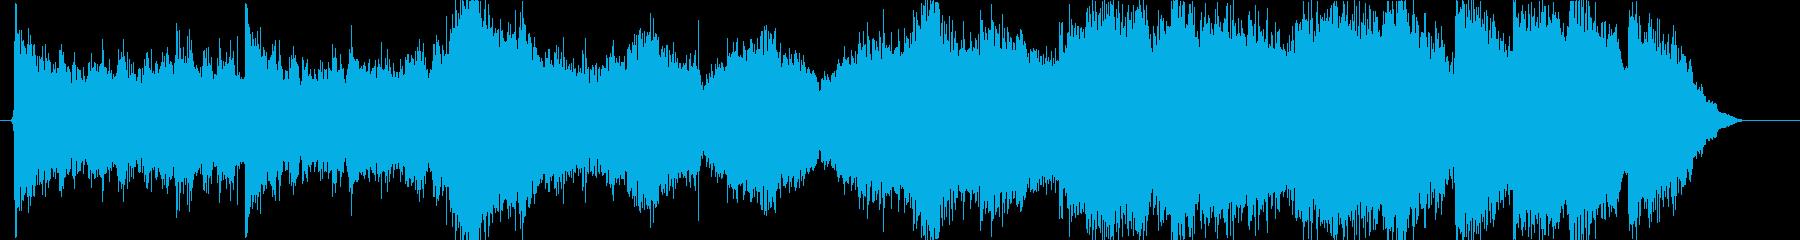 ゲーム、映画の予告用のコーラスを含んだ曲の再生済みの波形